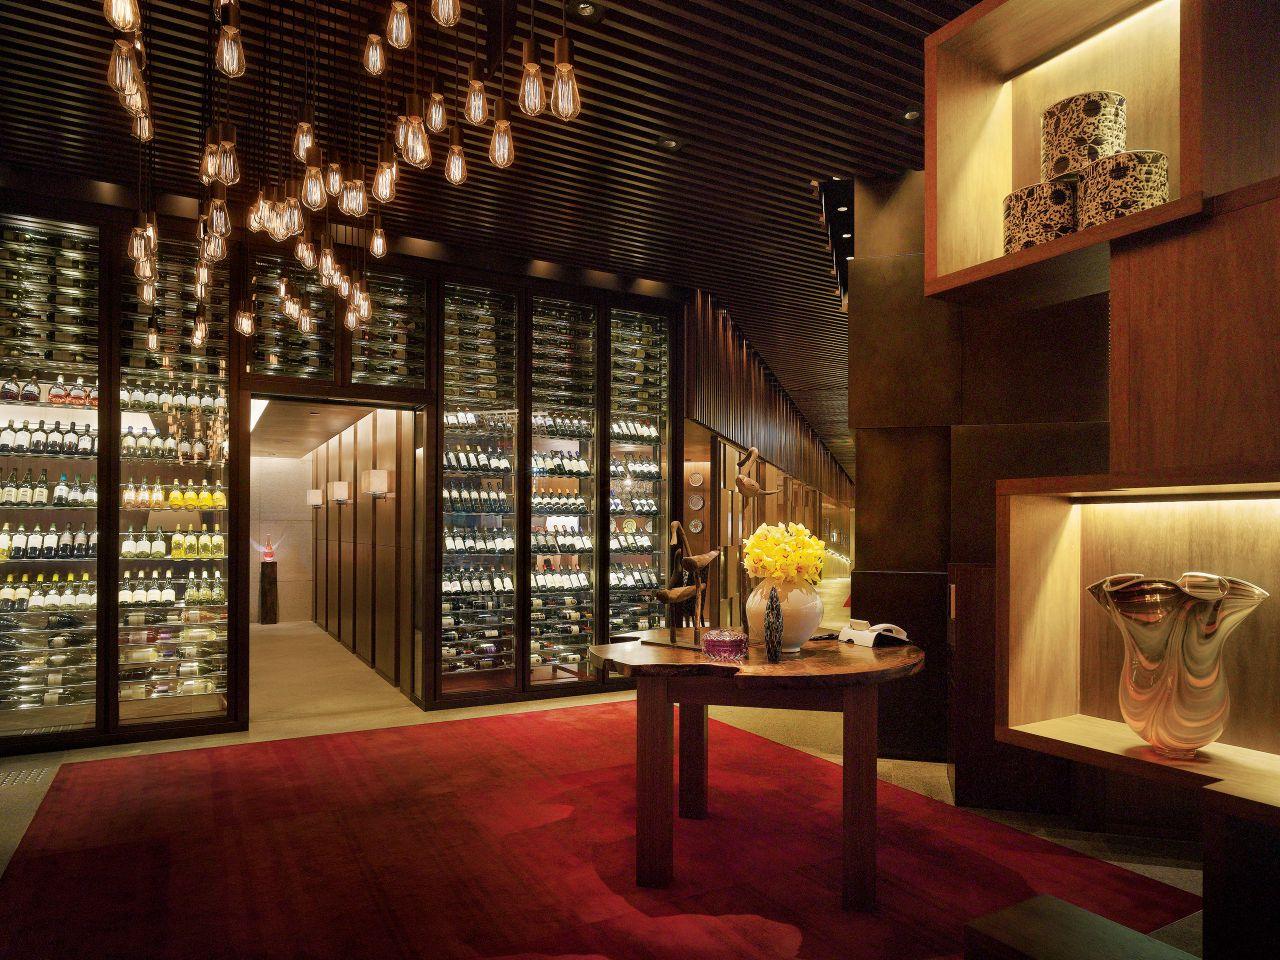 Best Seoul Restaurants and Bar| Park Hyatt Seoul Hotel on